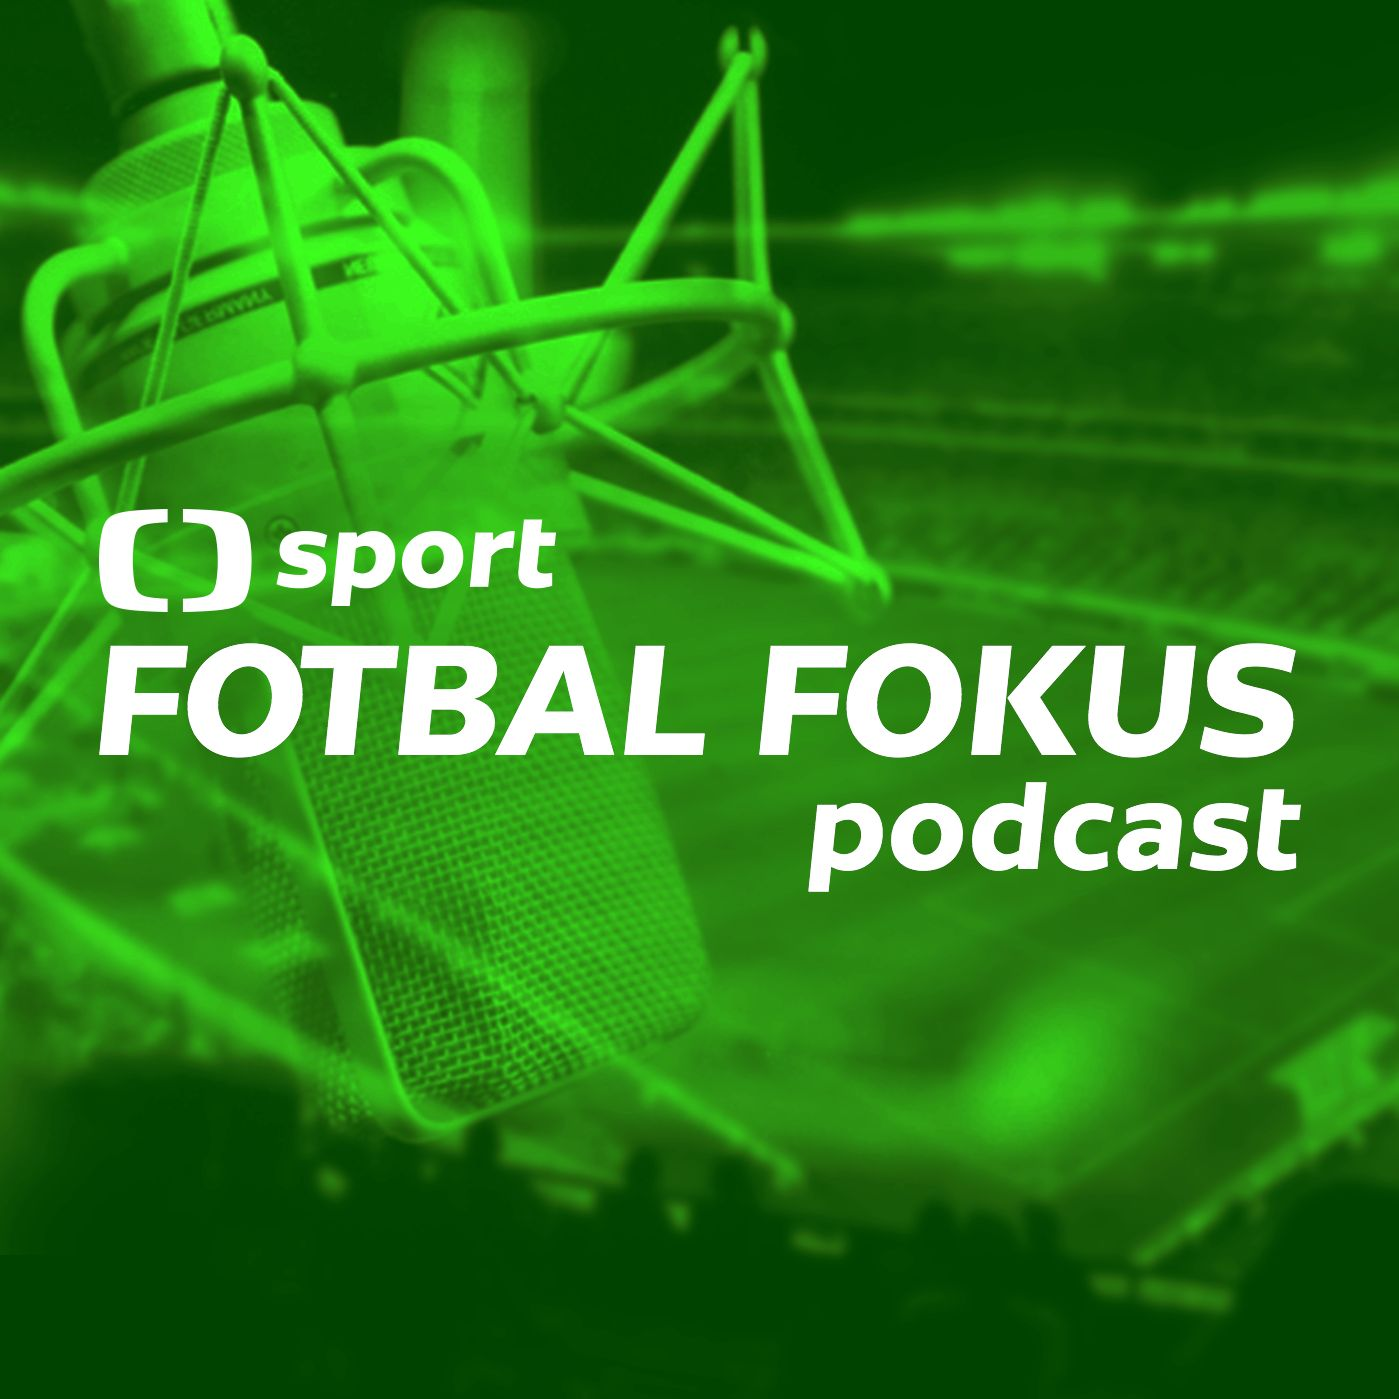 Fotbal fokus podcast: Je Šilhavý ve Slavii v ohrožení?